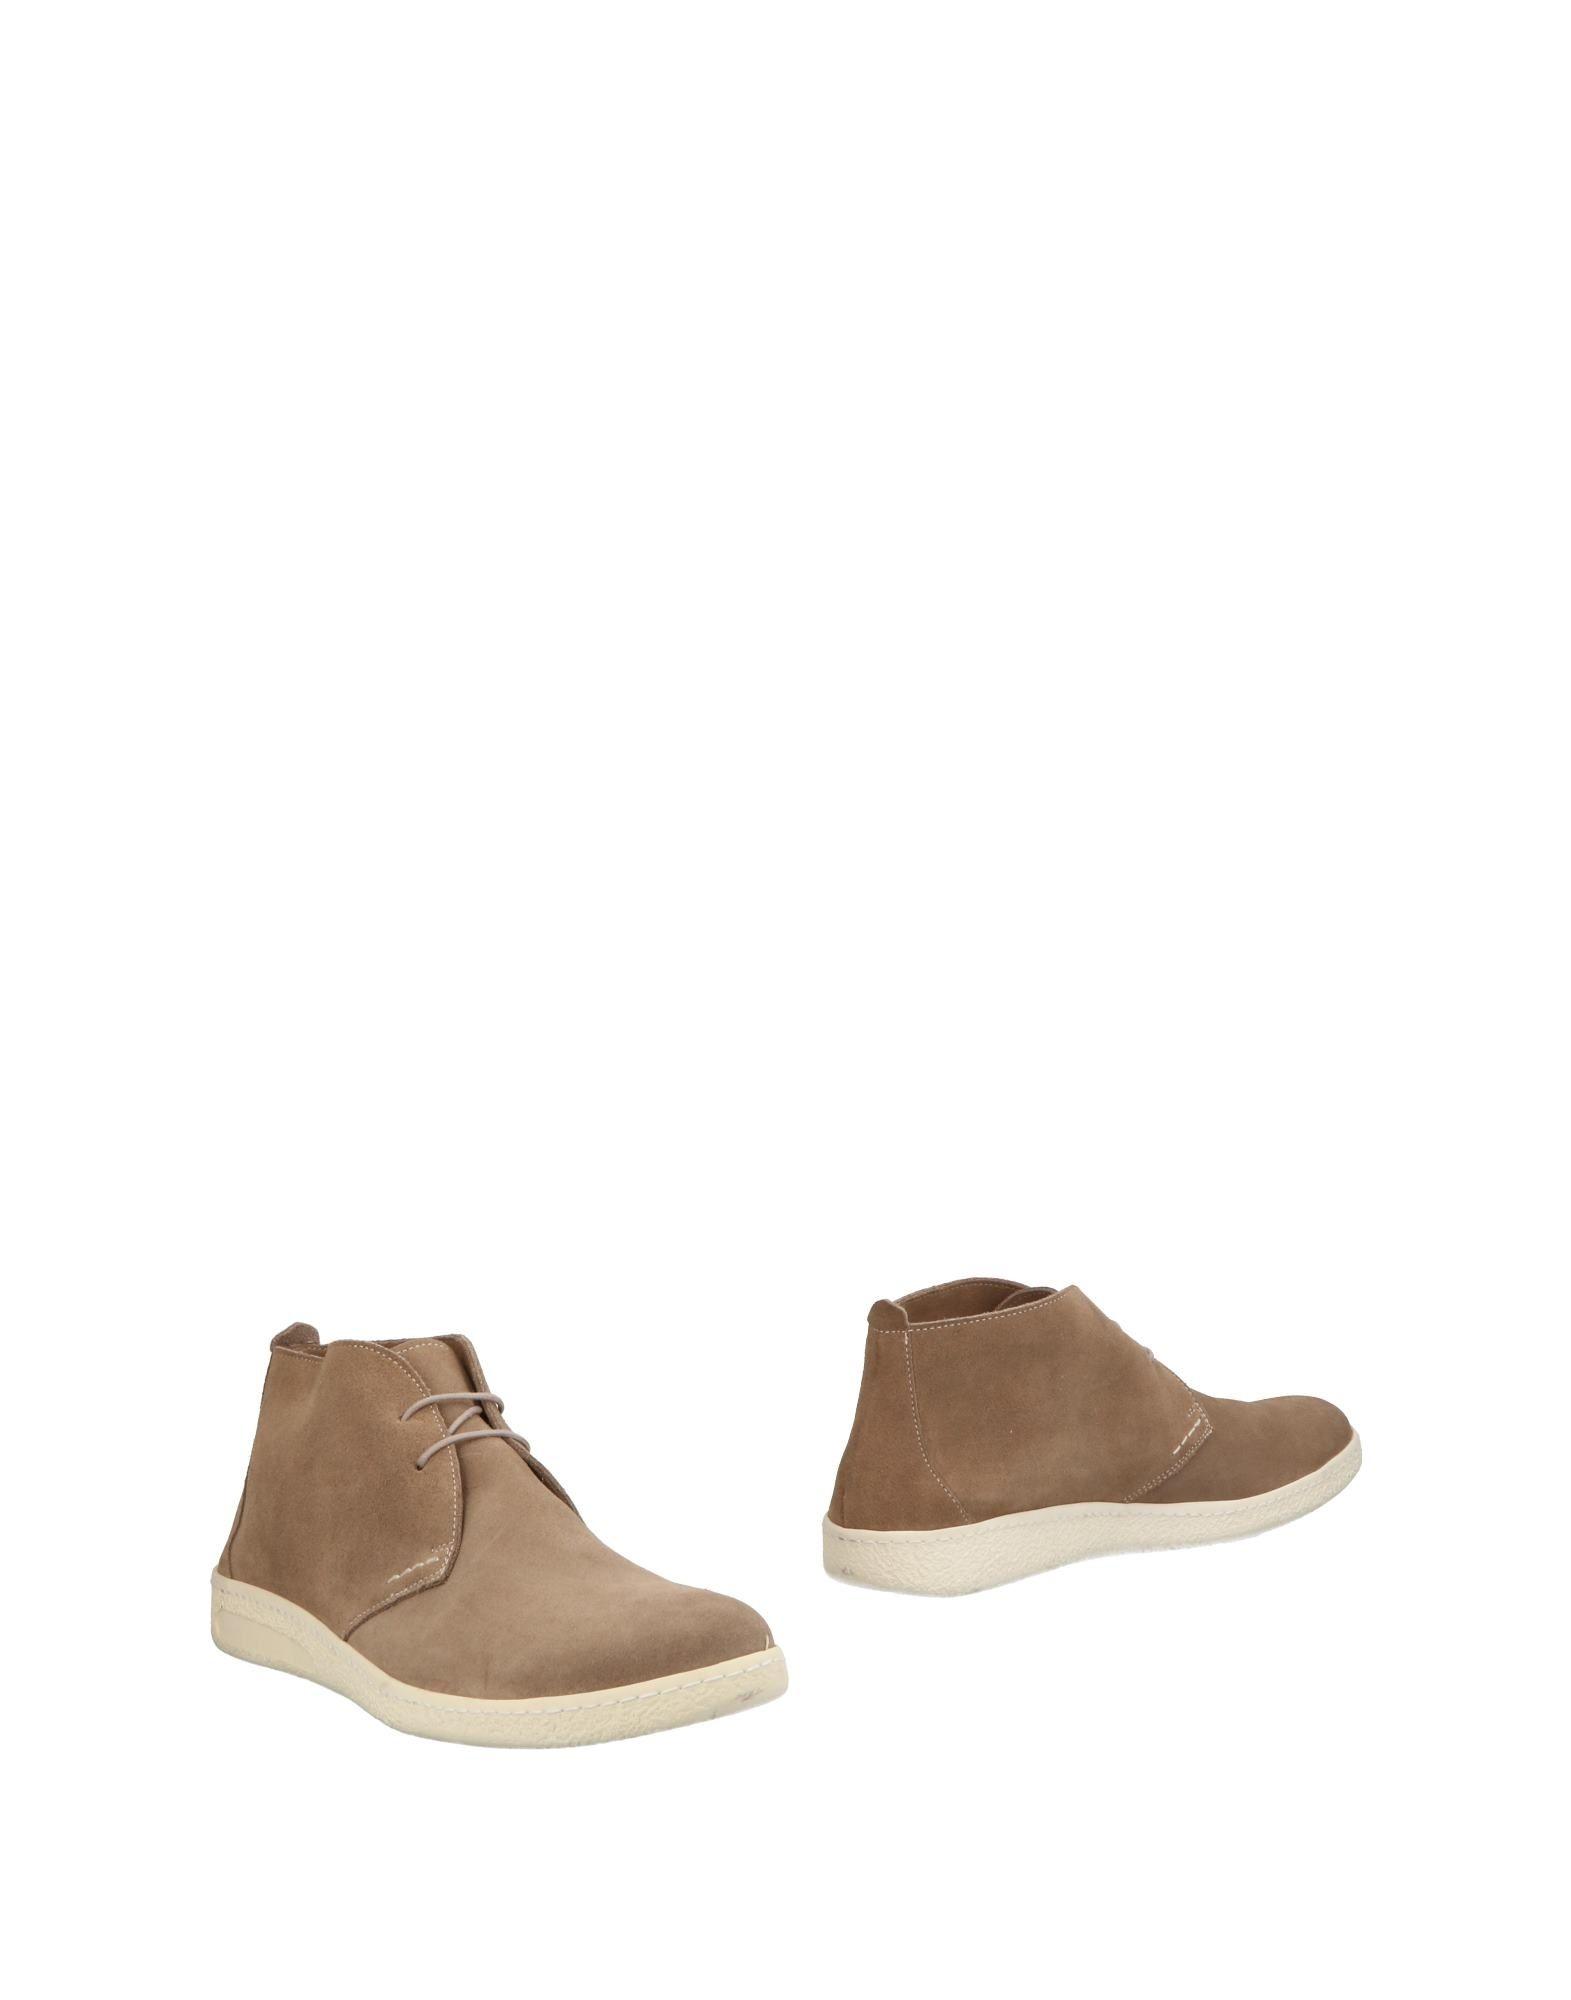 Seboy's Stiefelette Herren  11506189TT Gute Qualität beliebte Schuhe